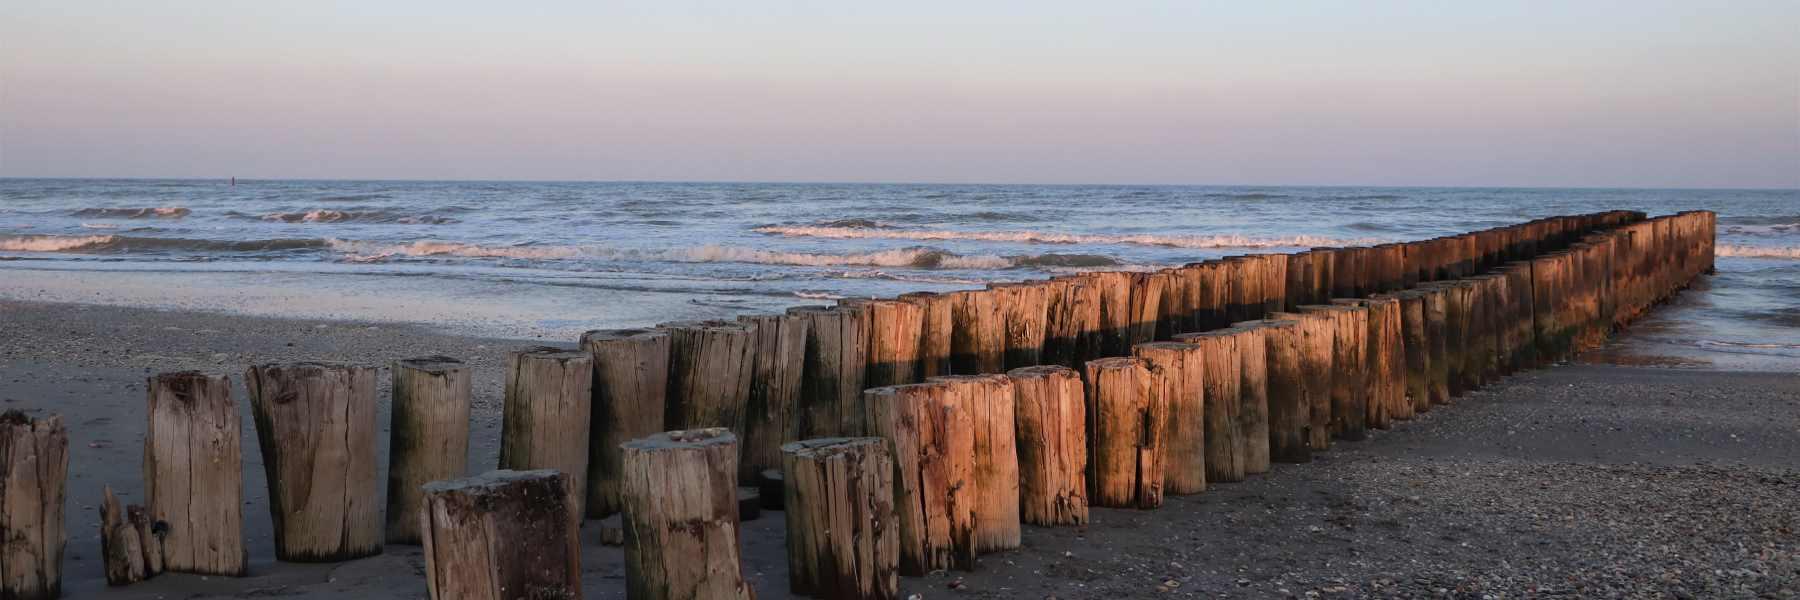 Mare, tronchi di legno - EN